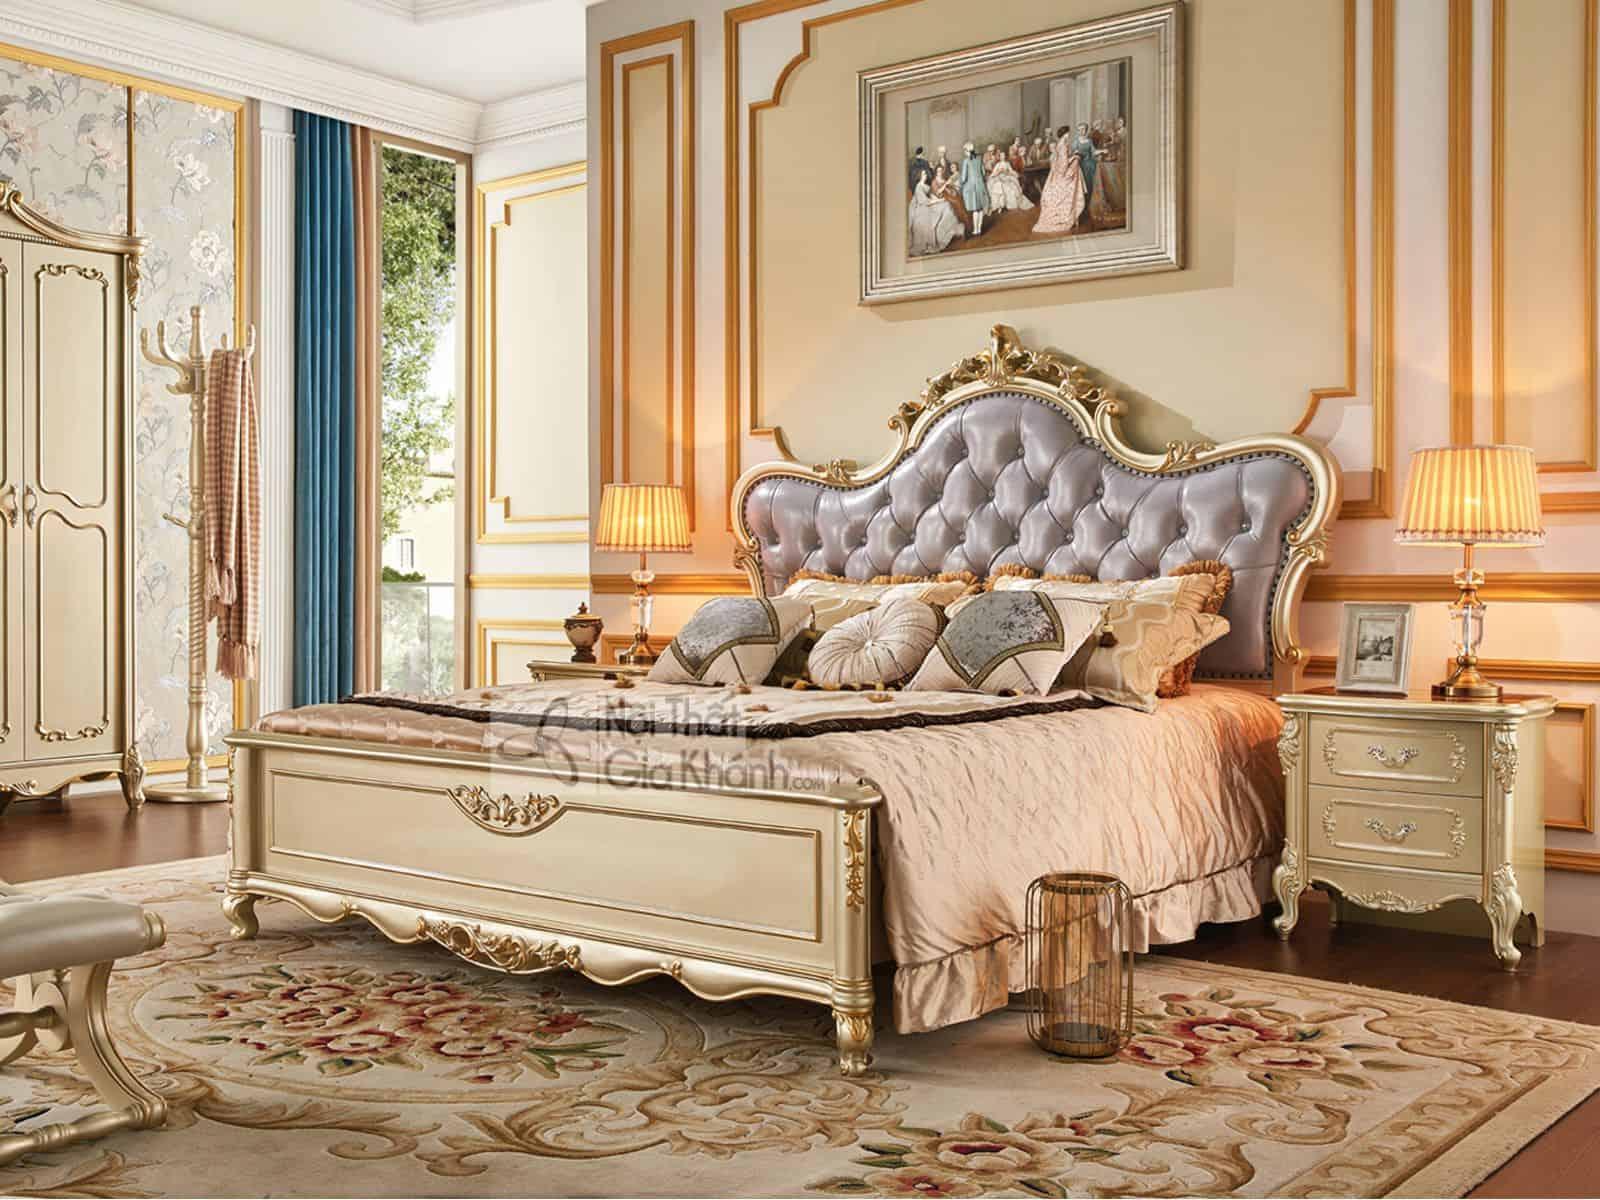 Táp gỗ đầu giường phong cách Tân cổ điển GK8802B (MẪU MỚI NHẤT 2019) - giuong ngu go soi nhap khau gk8835al 2